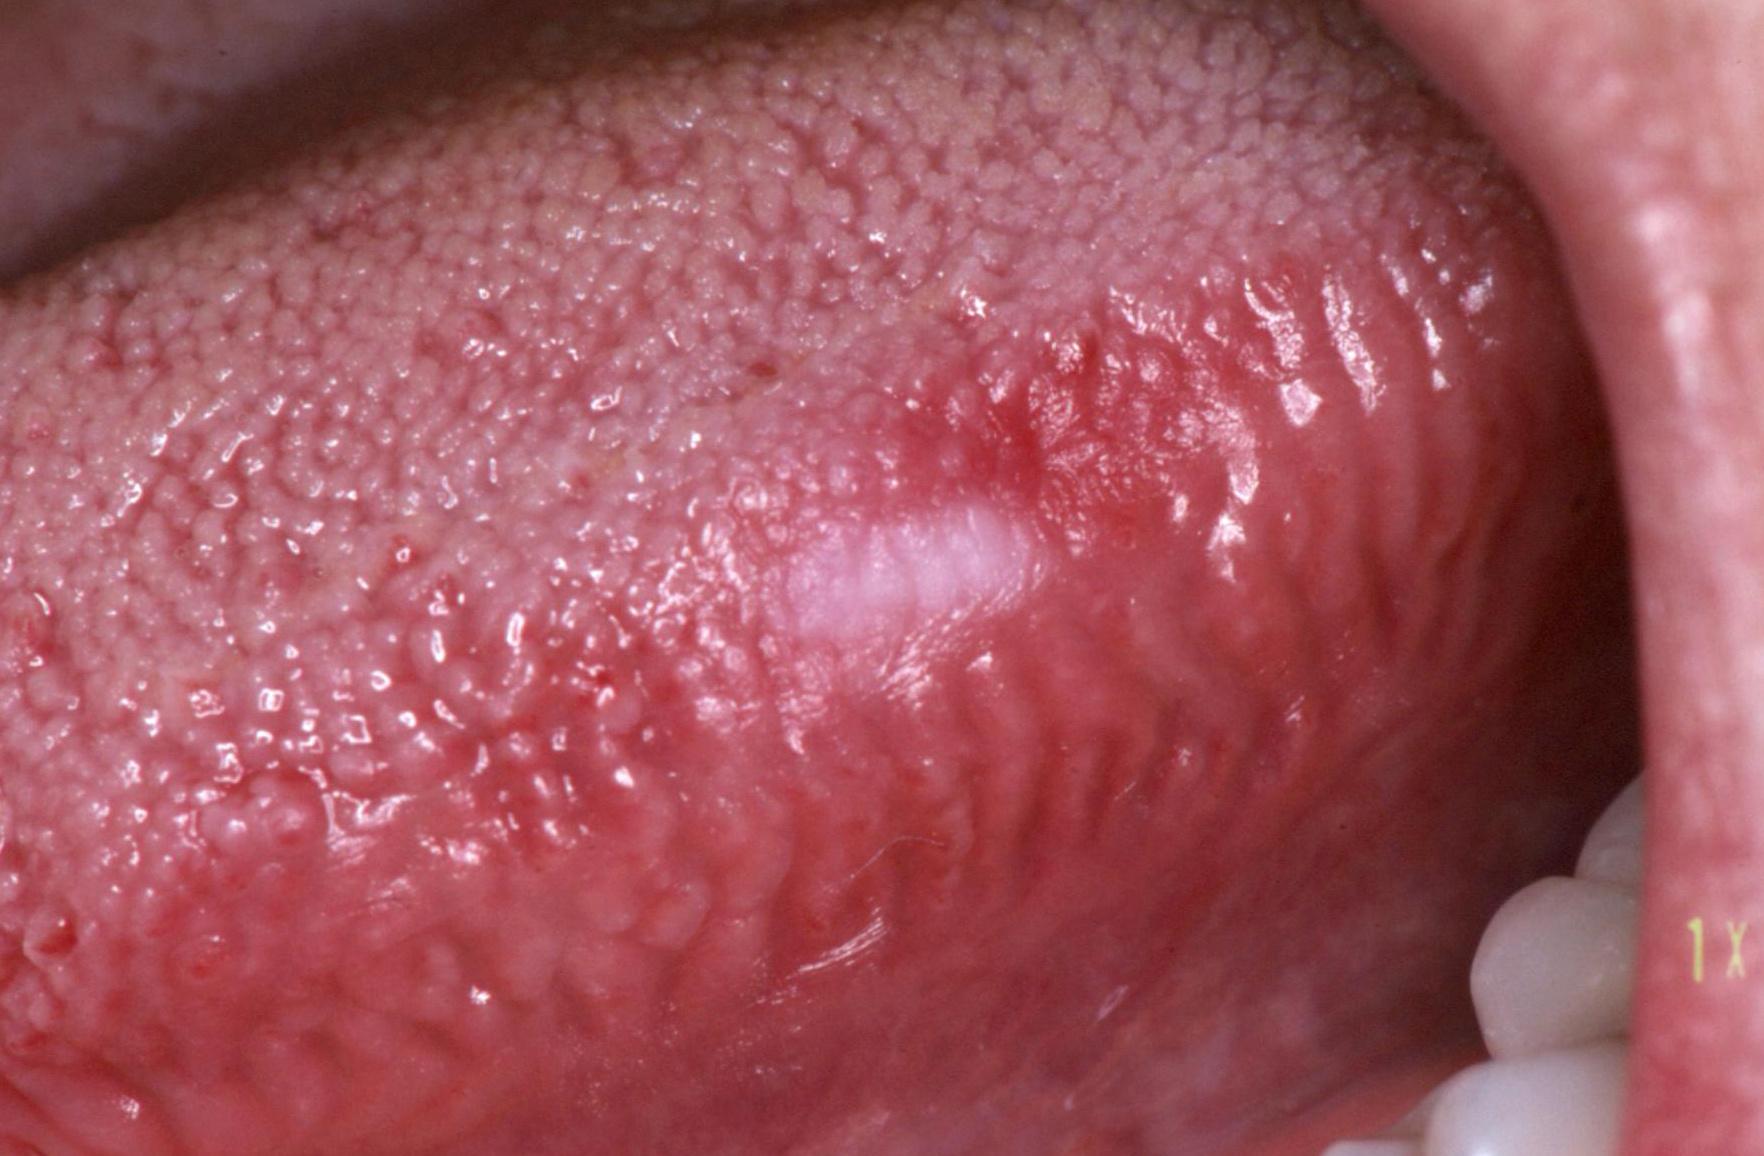 hpv vírus nyelvrák petefészekrák és papillomavírus